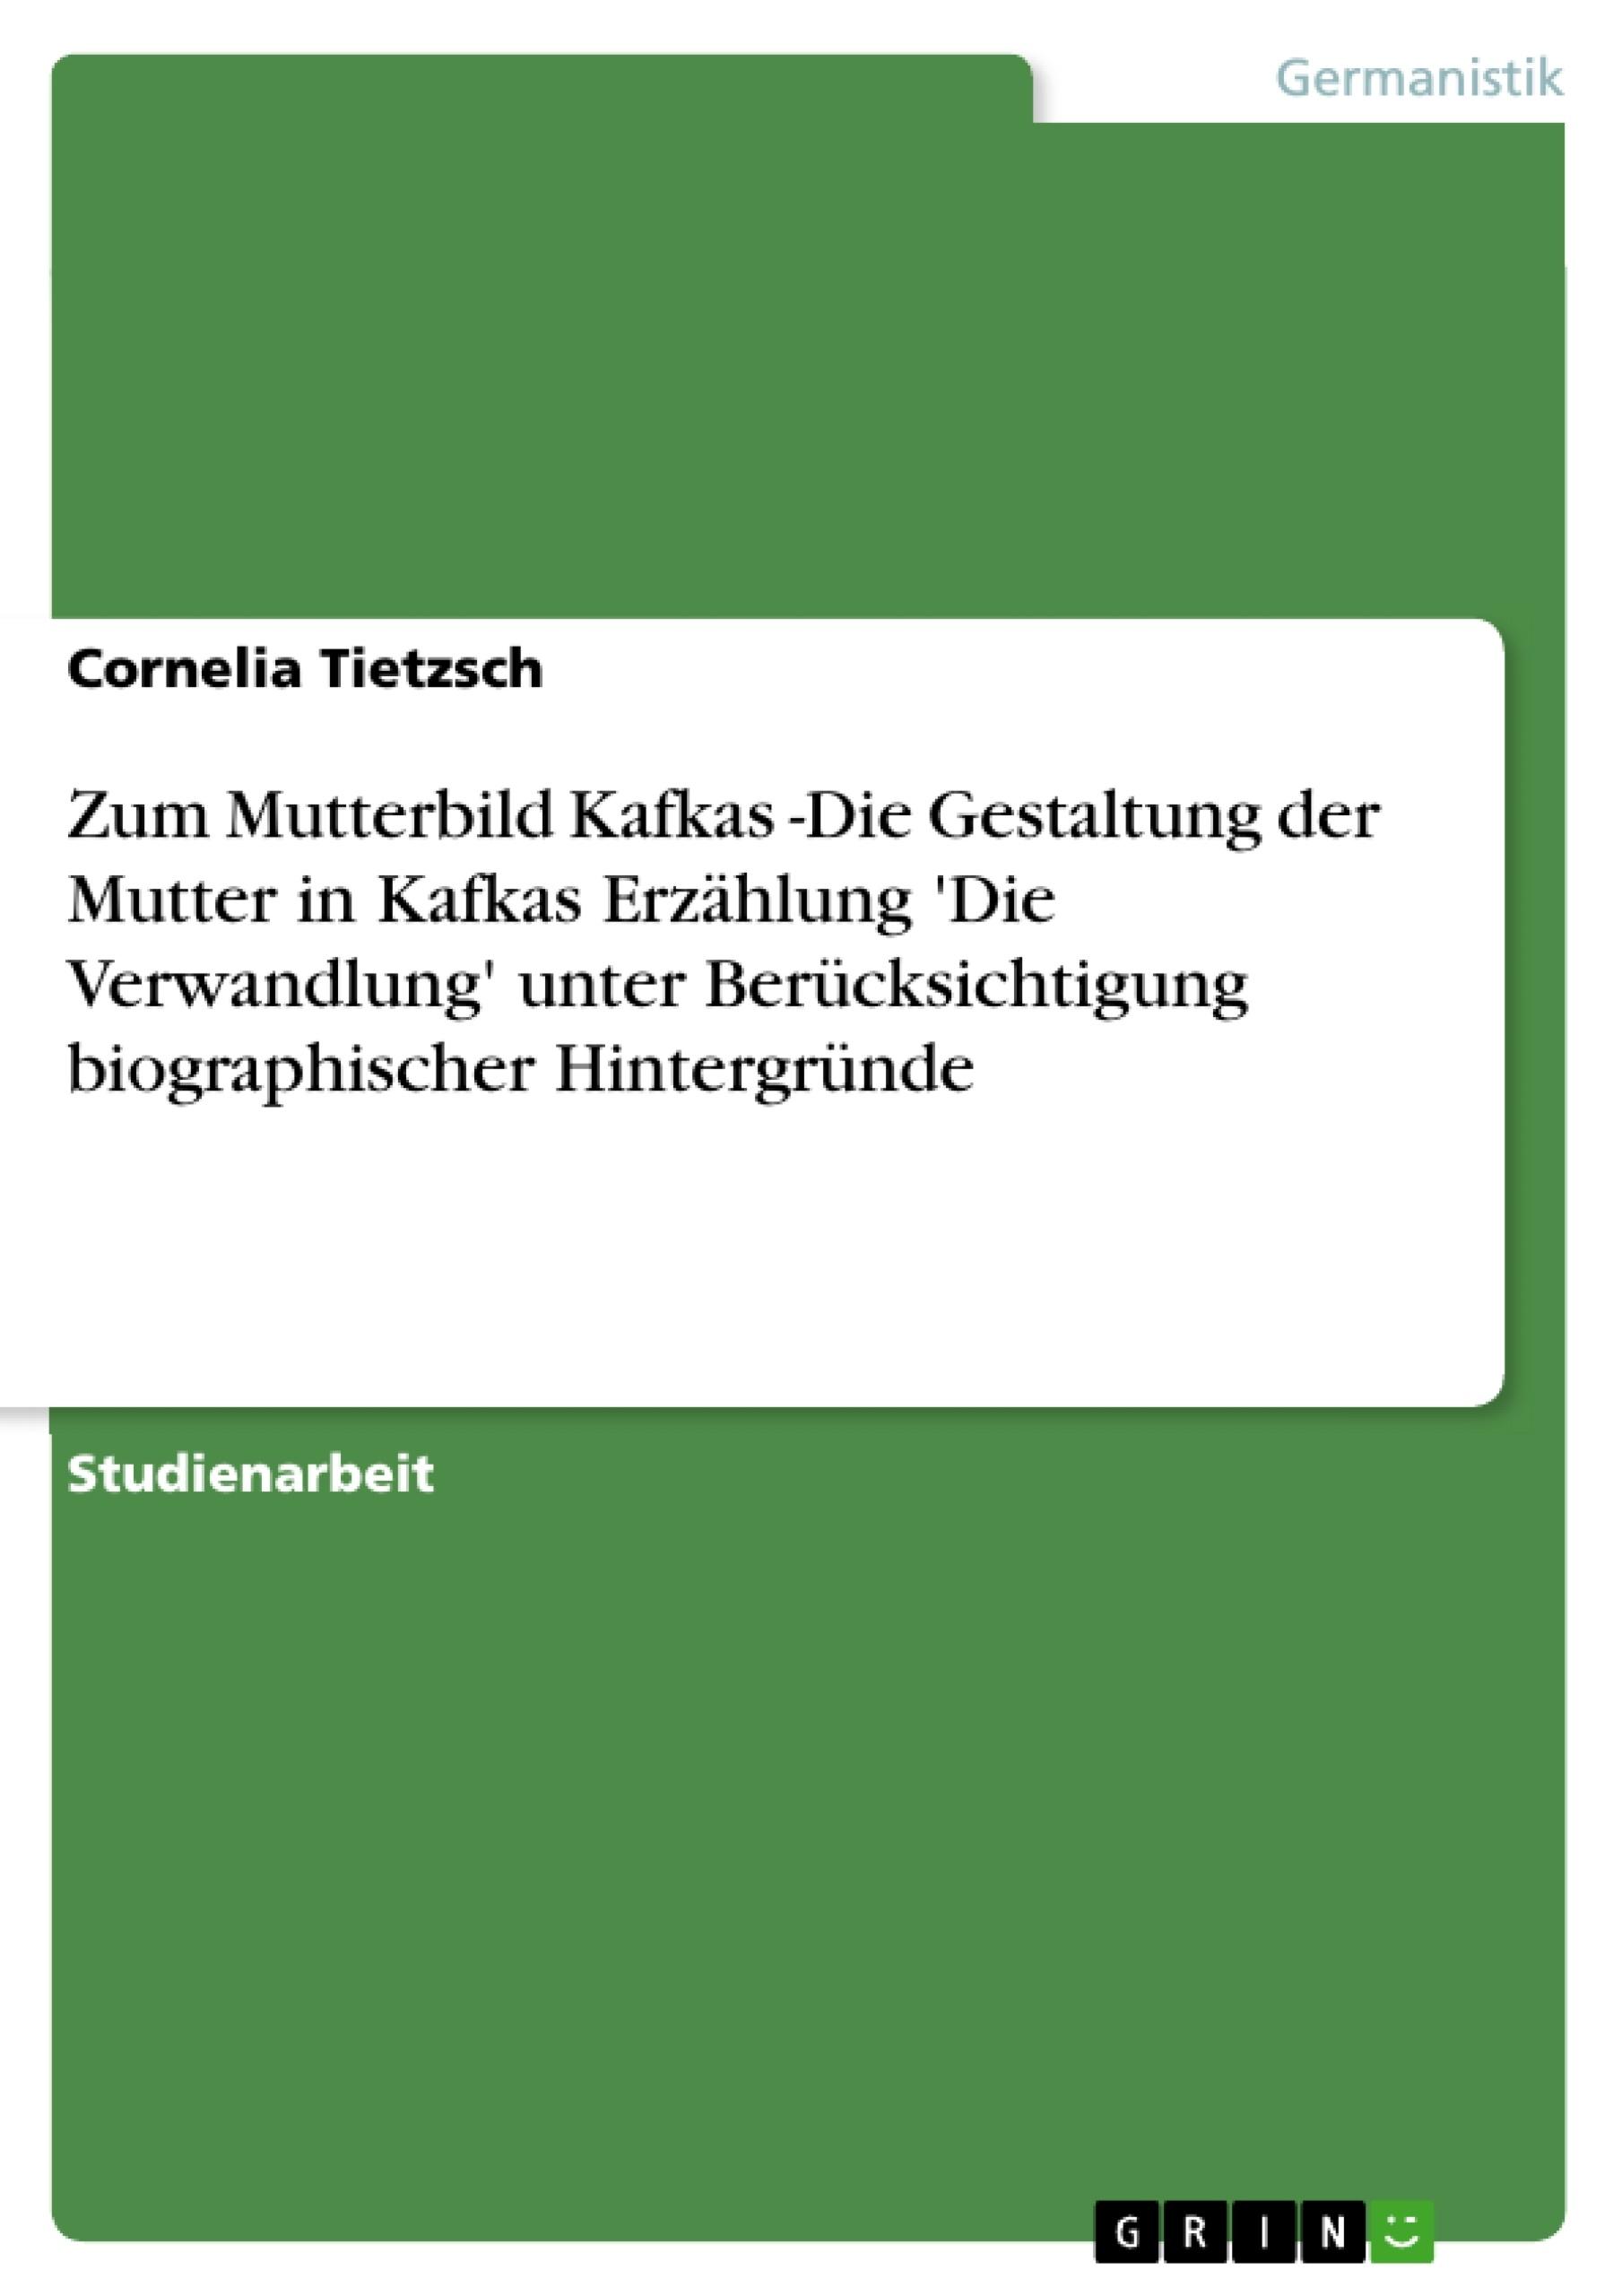 Titel: Zum Mutterbild Kafkas  -Die Gestaltung der Mutter in Kafkas Erzählung 'Die Verwandlung' unter Berücksichtigung biographischer Hintergründe